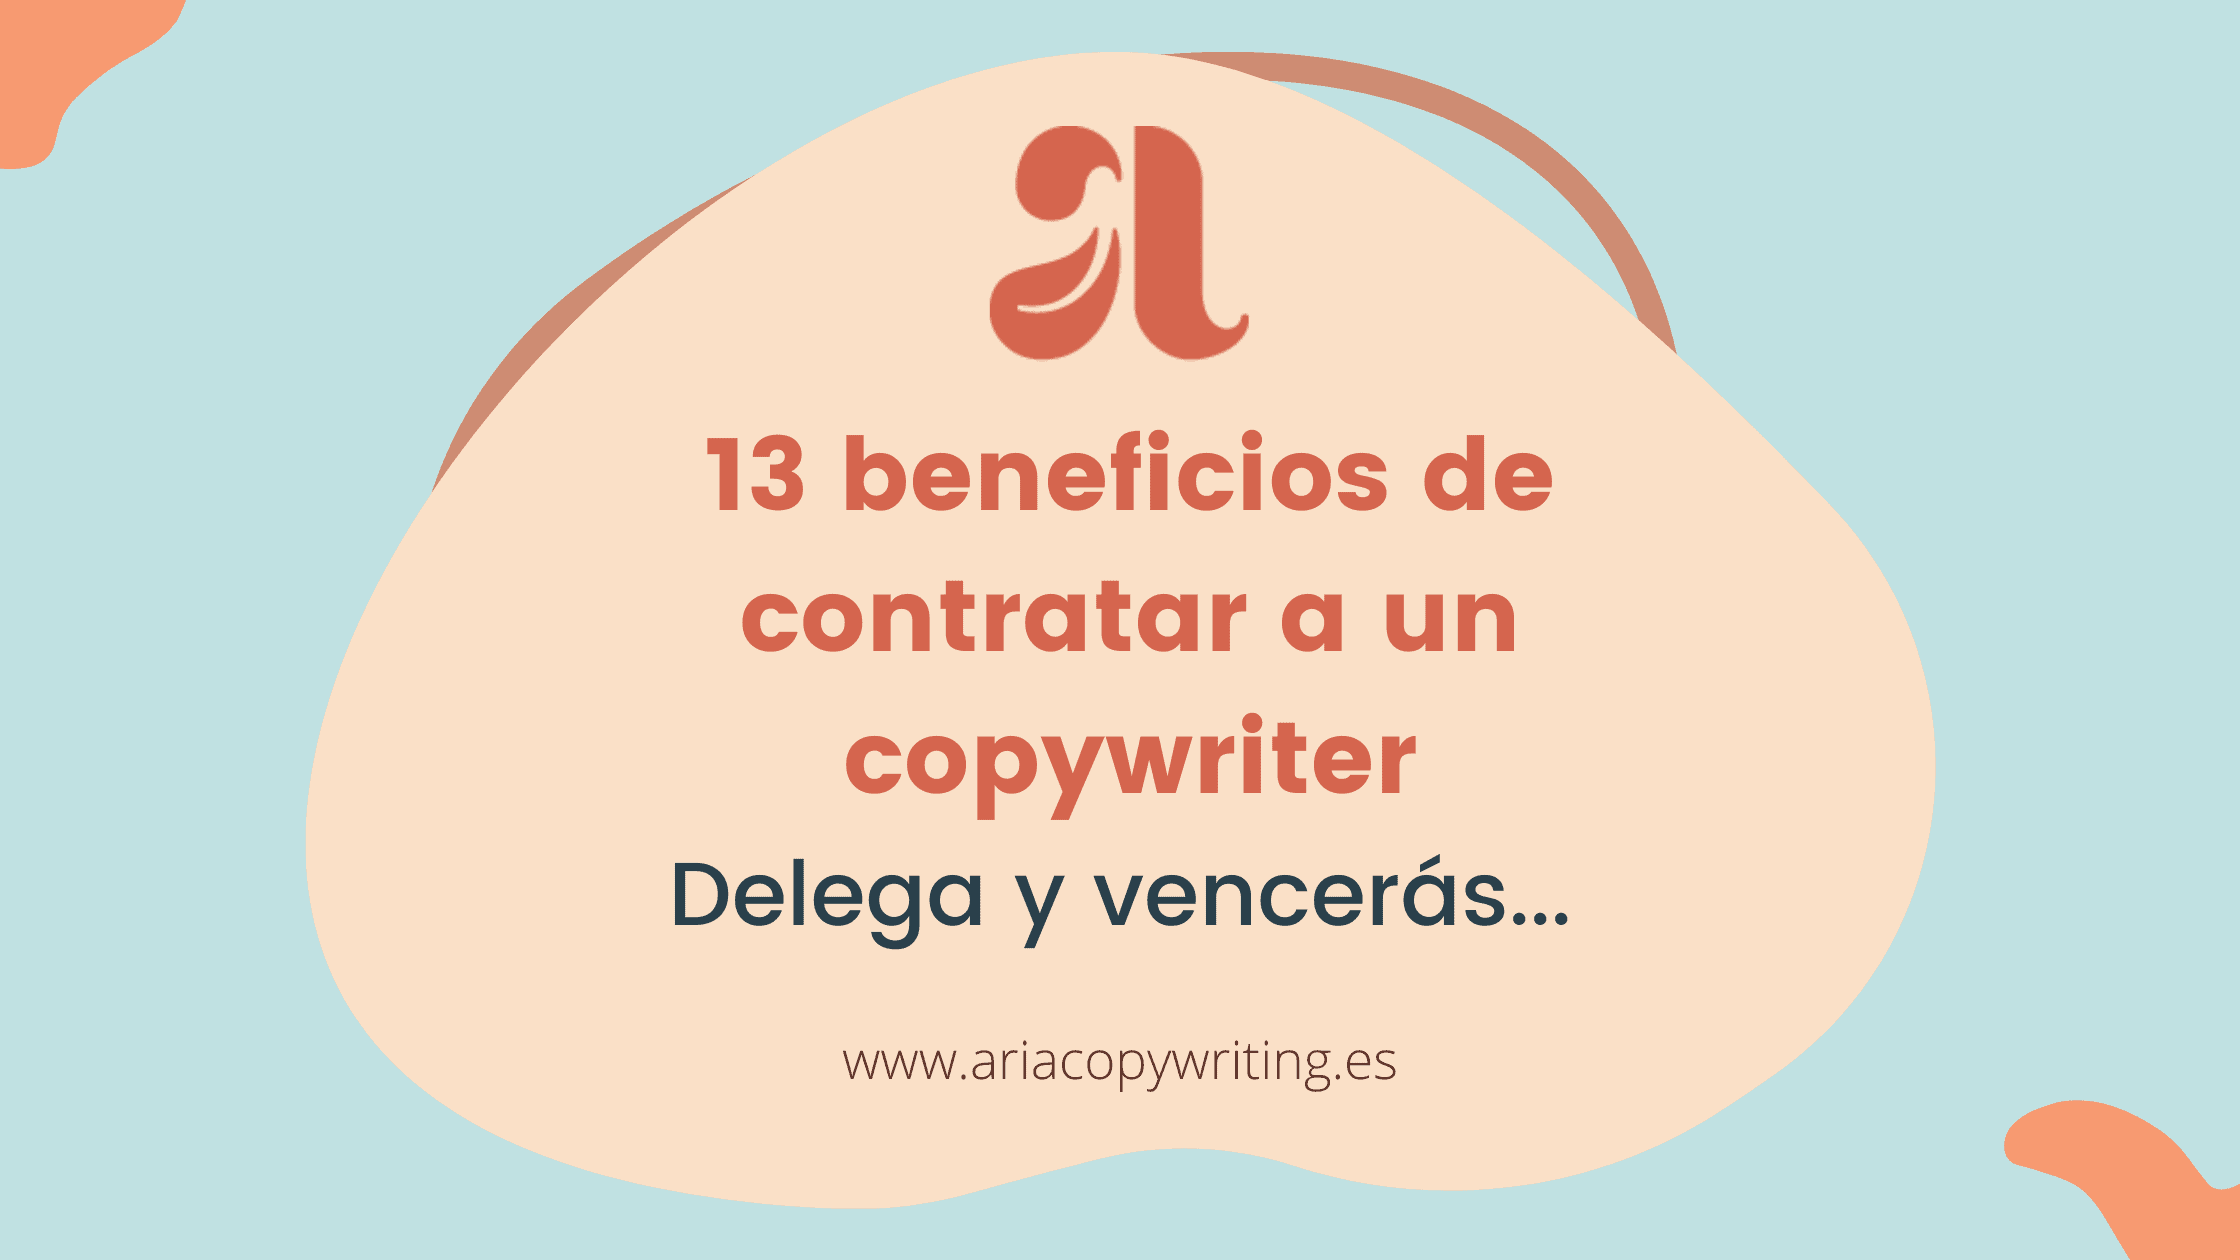 13 beneficios de contratar a un copywriter